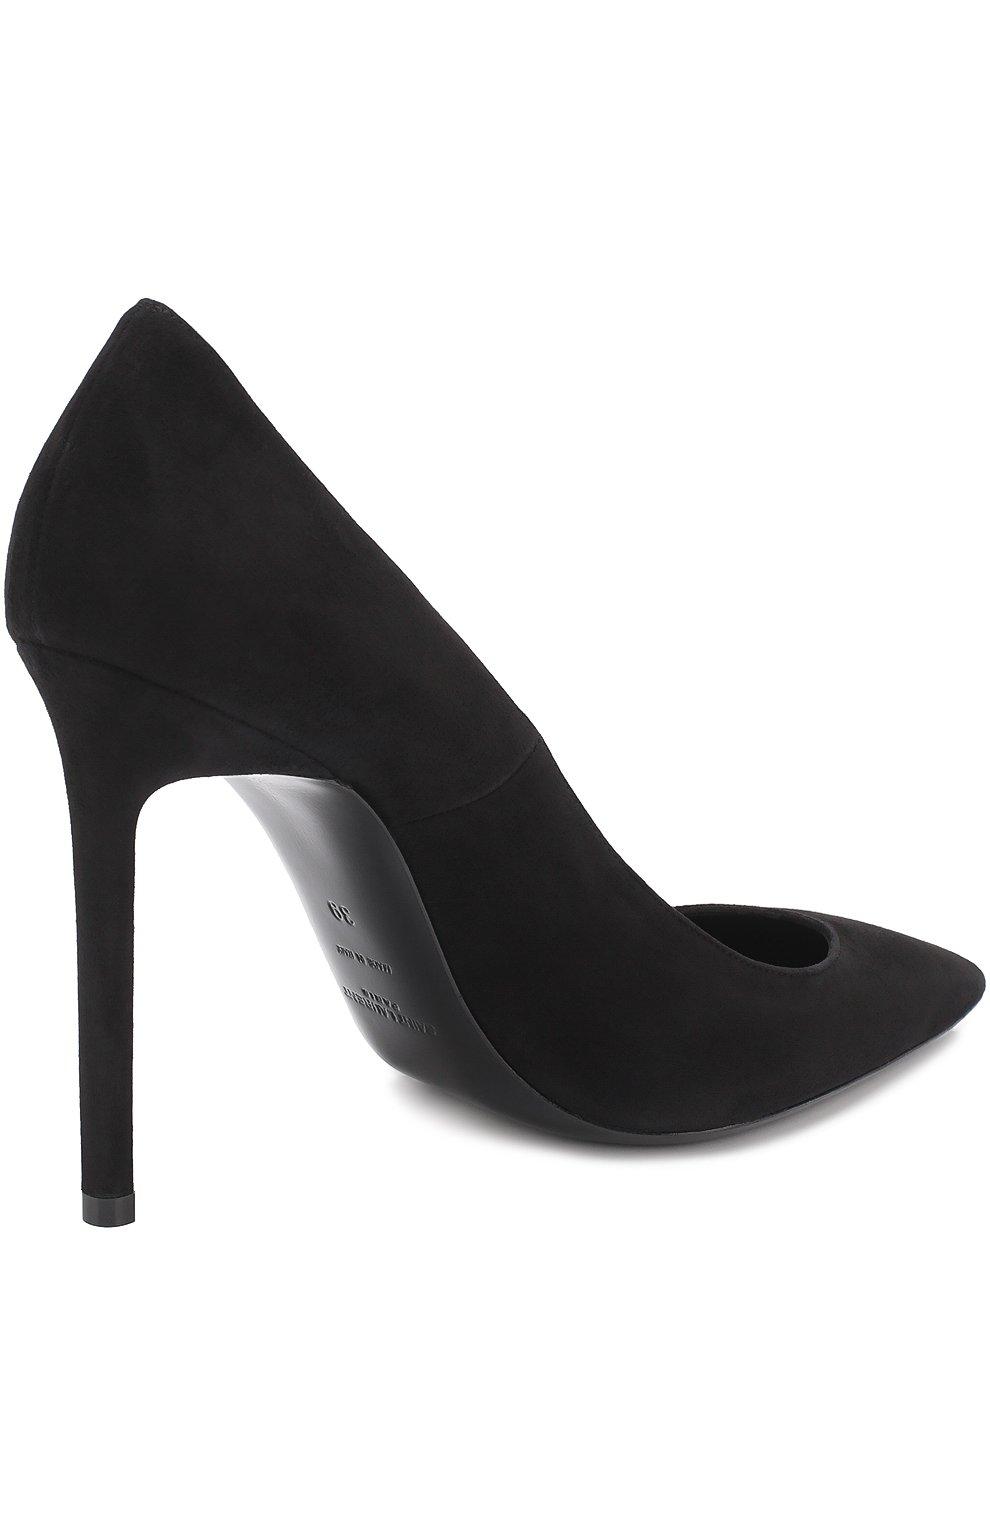 Замшевые туфли Anja на шпильке | Фото №4